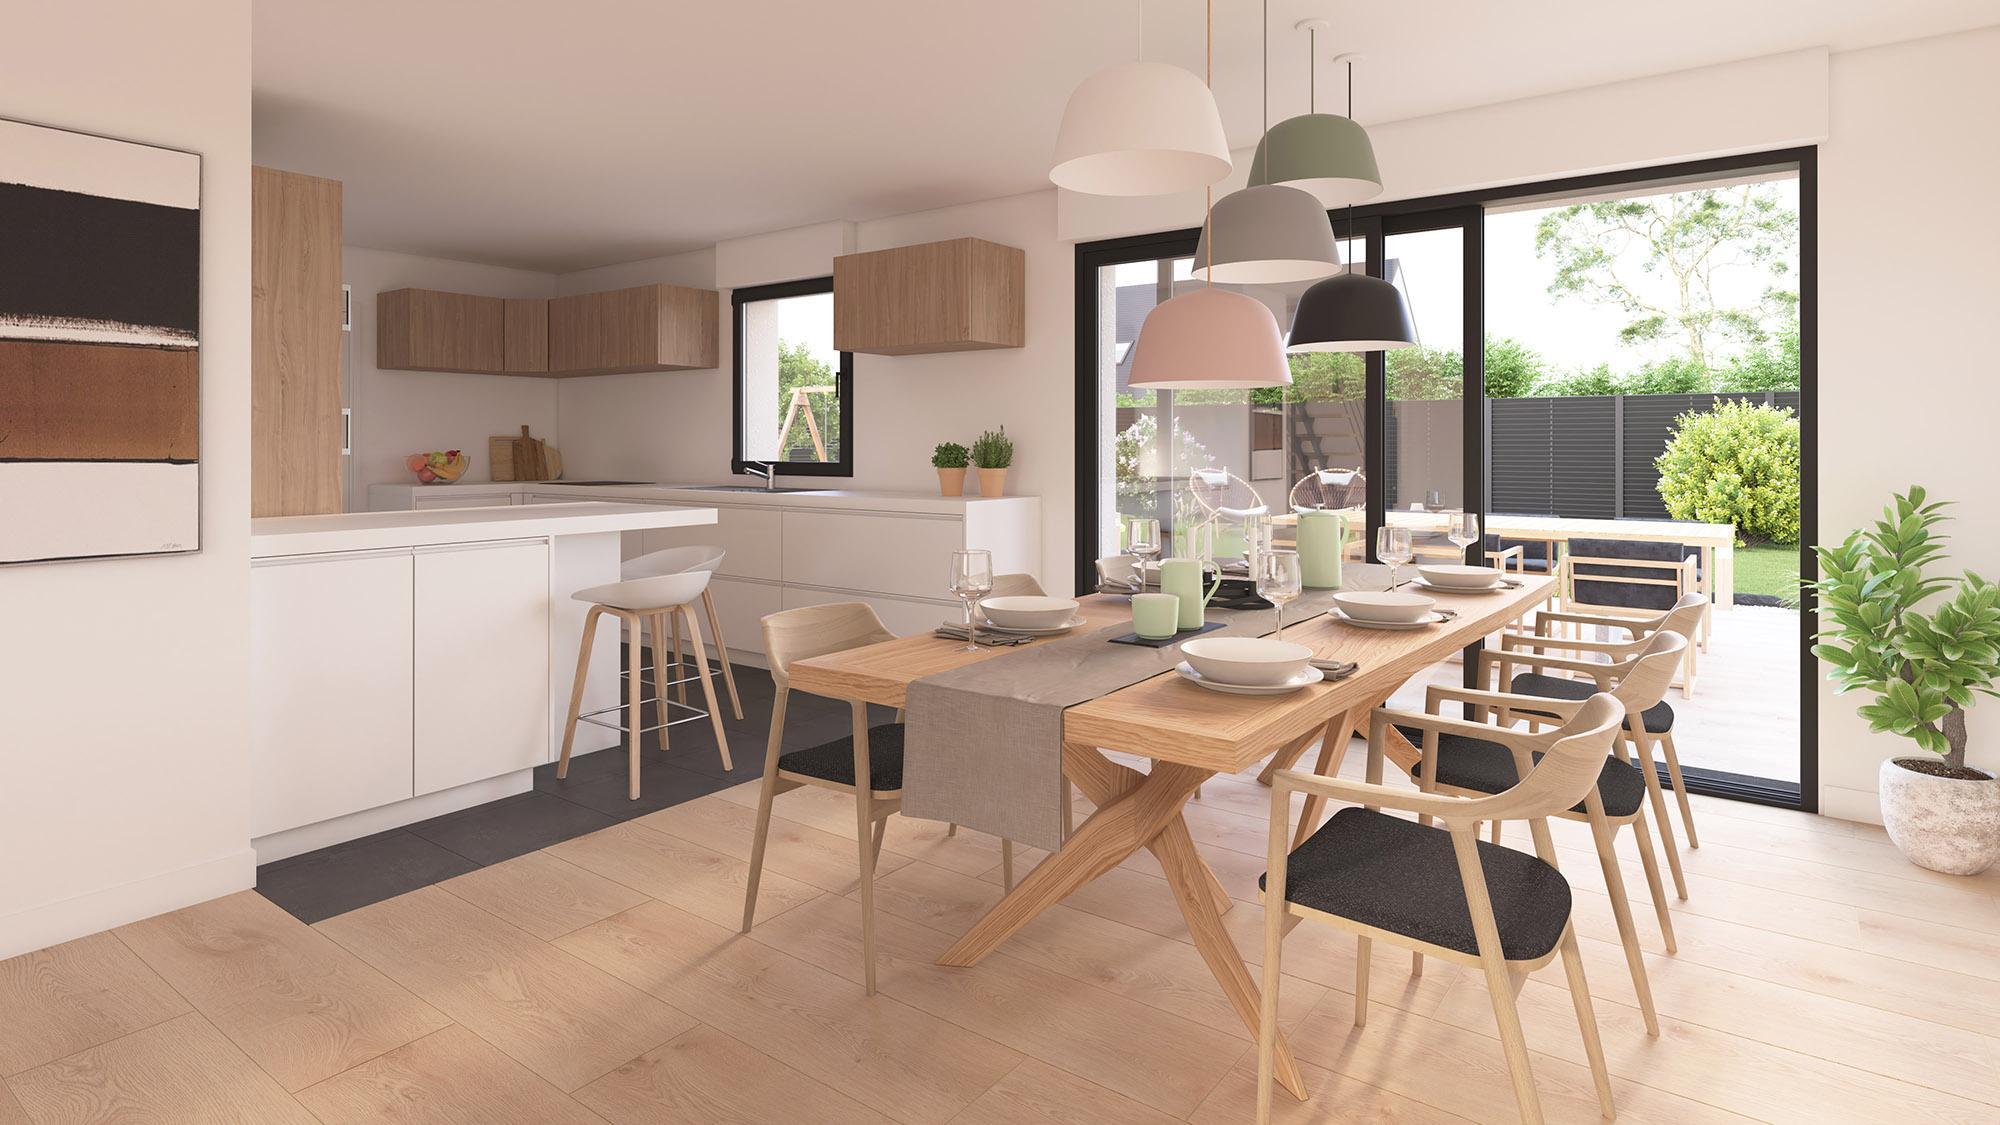 Maisons + Terrains du constructeur Maison Castor Valenciennes • 116 m² • MAING